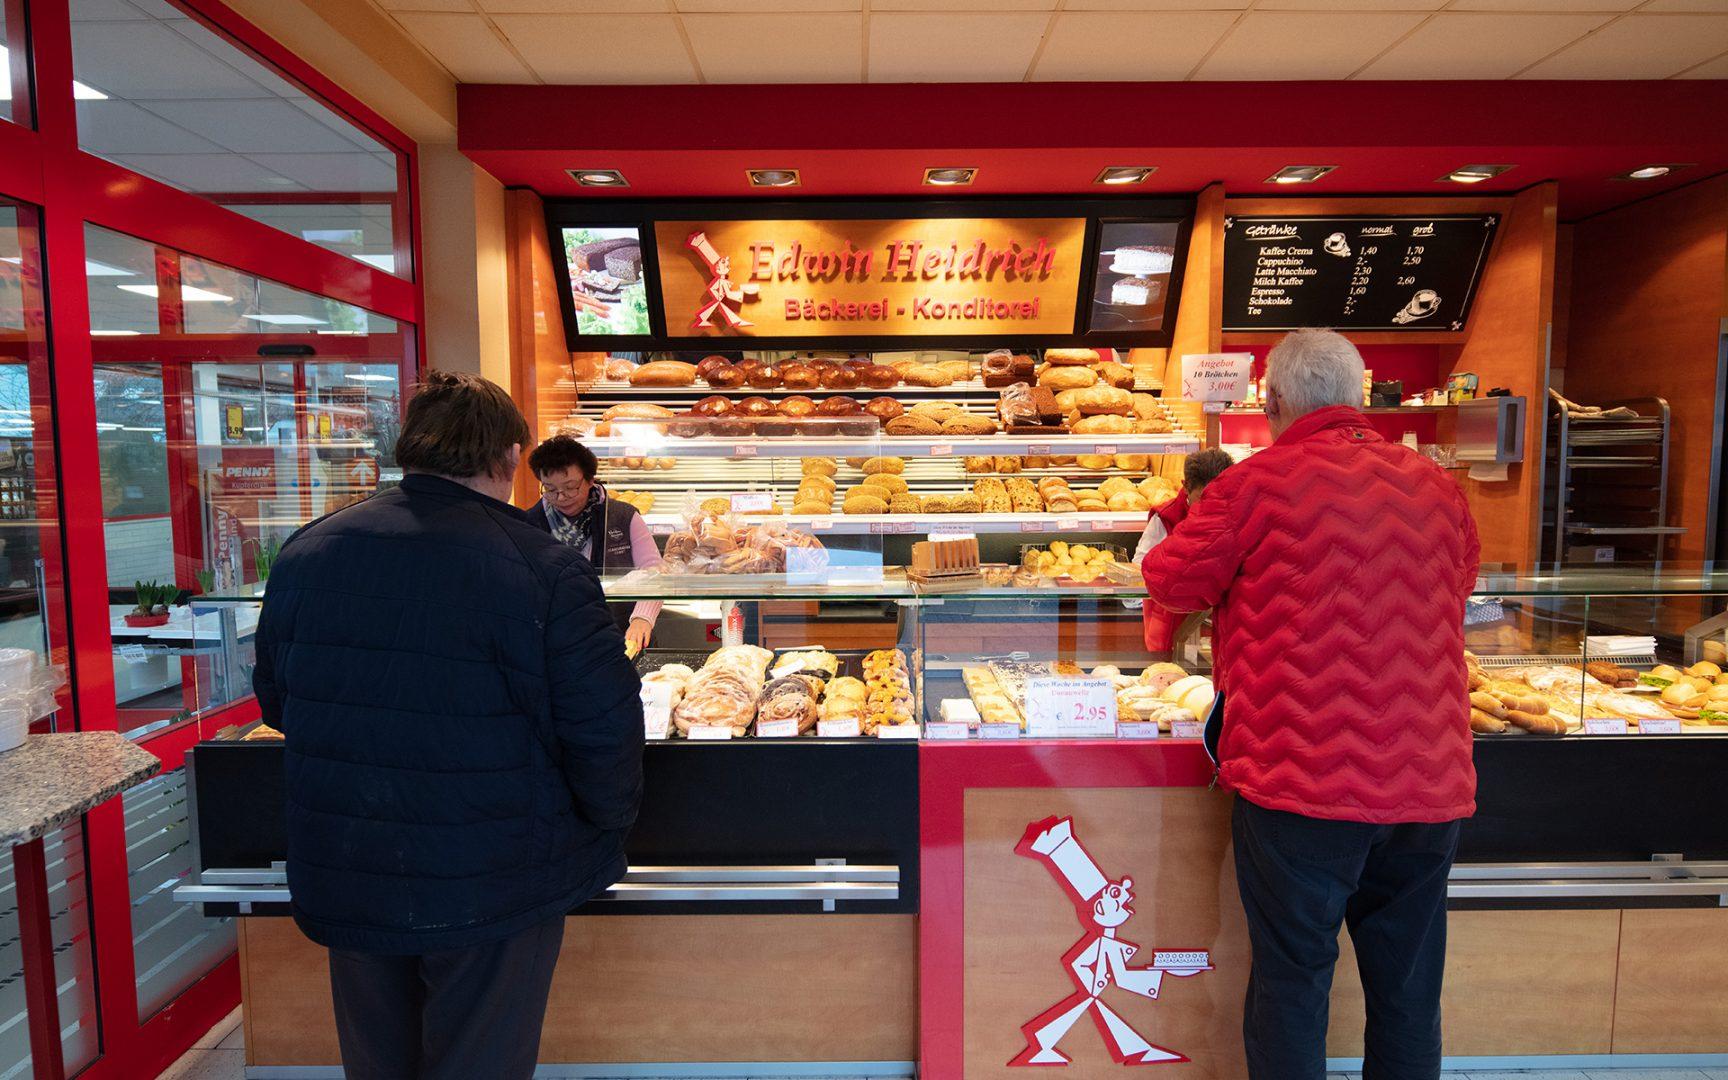 Herzlich Willkommen in den Filialen der Edwin Heidrich Bäckerei-Konditorei